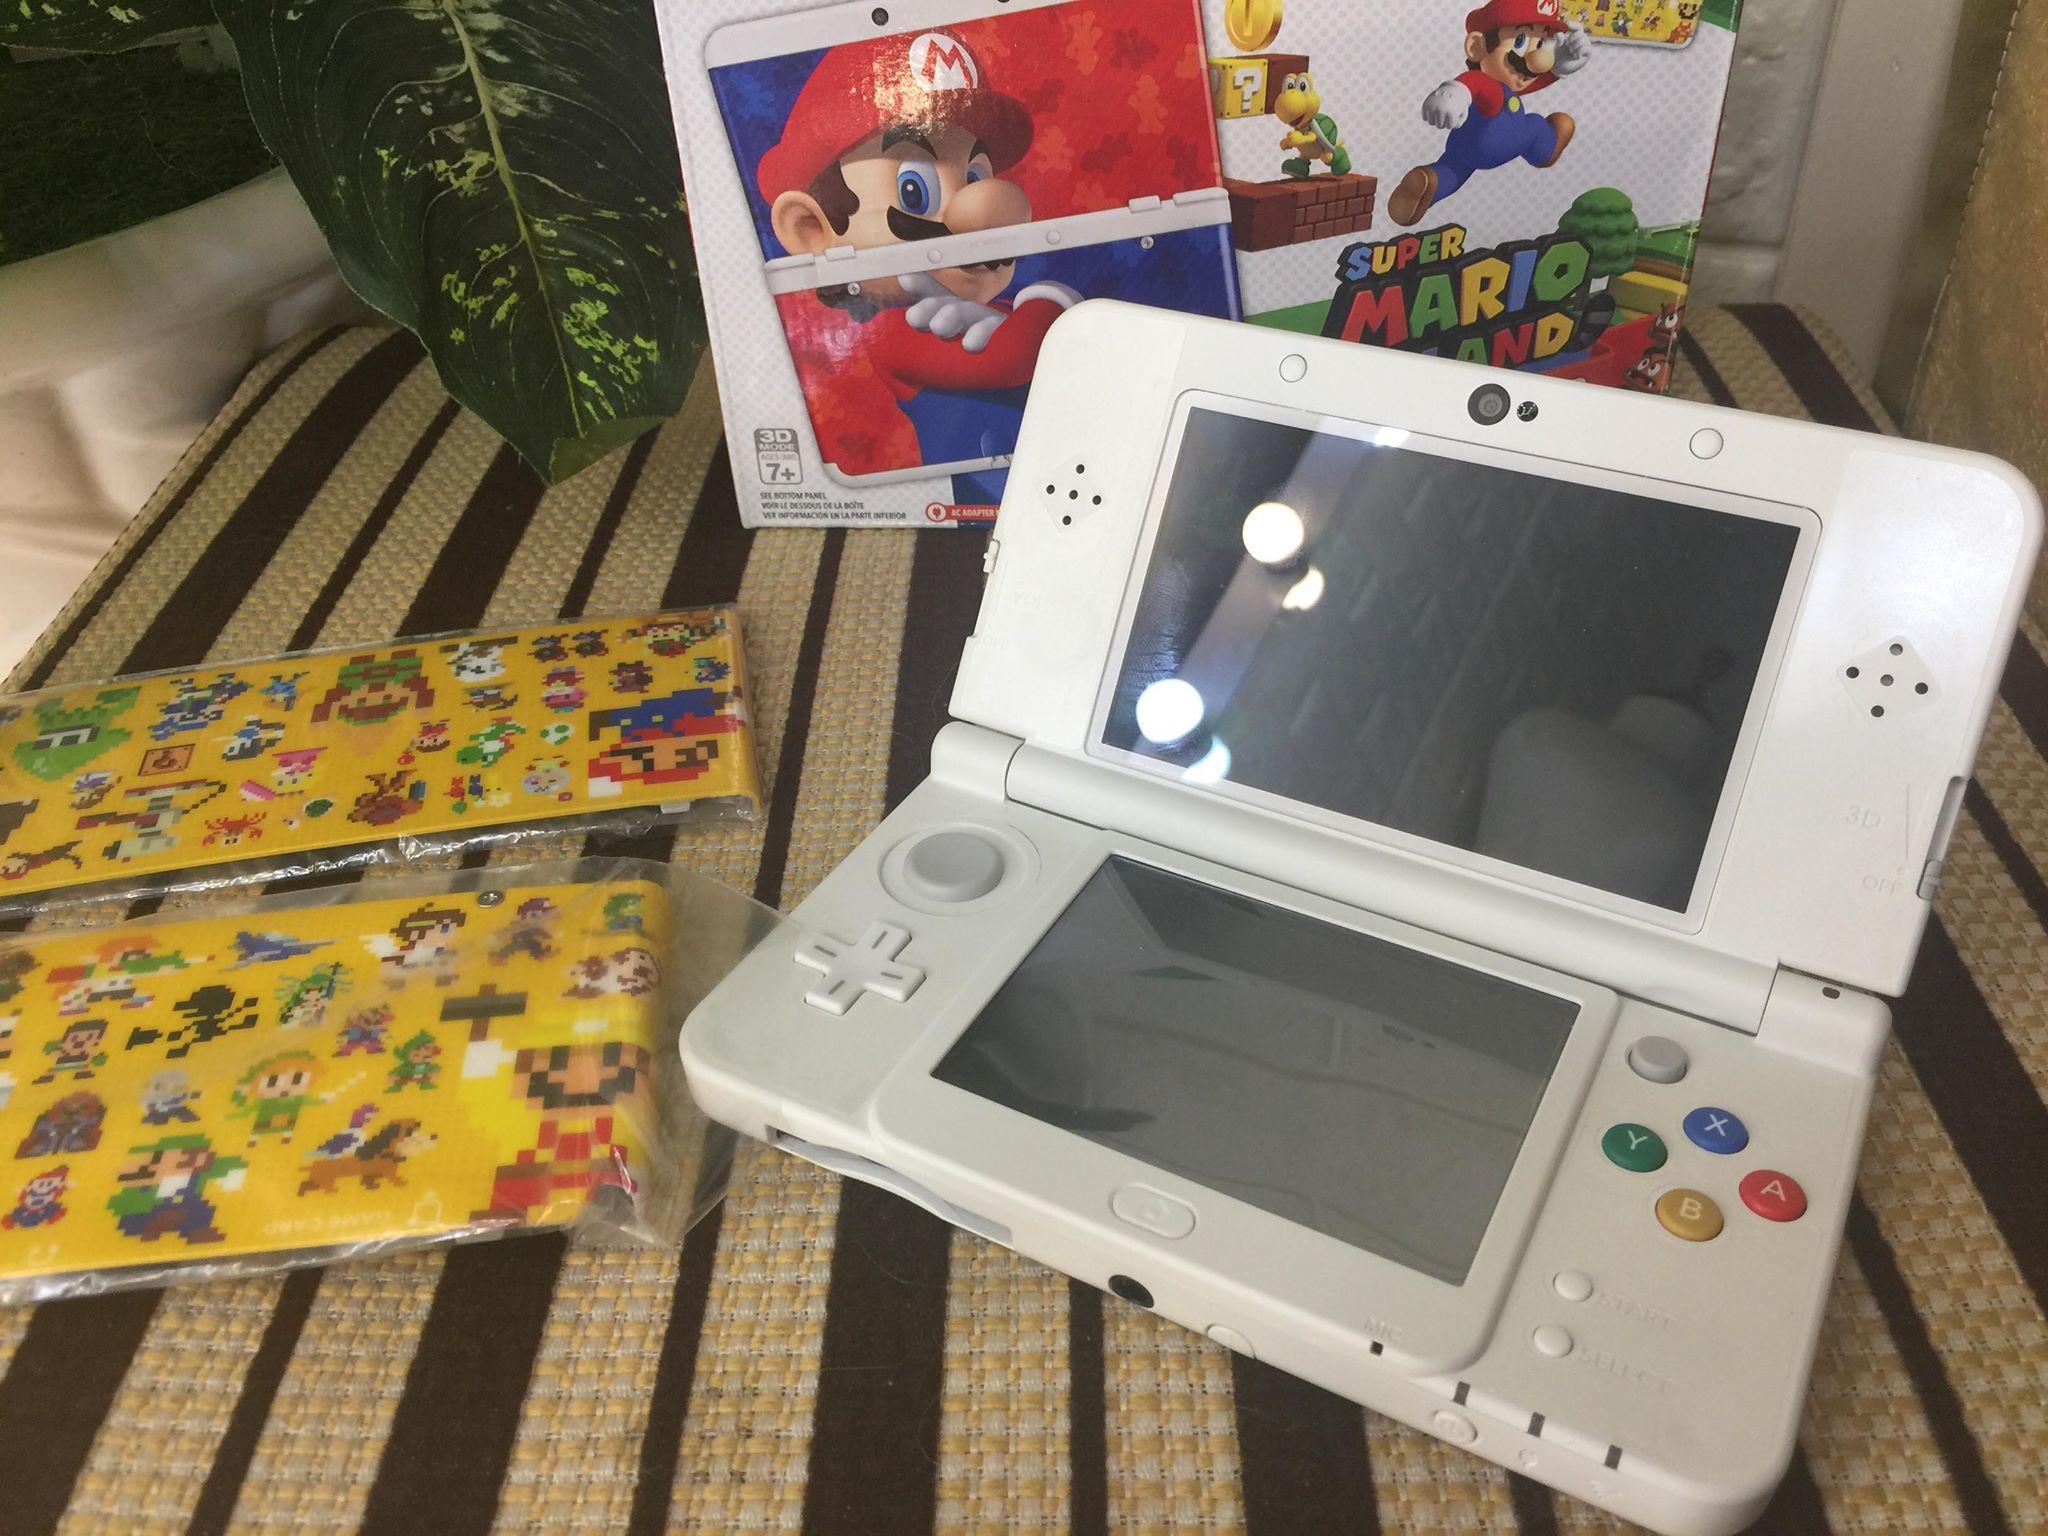 New 3DS limited Super Mario 3D Land cũ - US ✓ Máy nguyên zin mới 99% ✓ Full  box | Bút cảm ứng | Thẻ 4G | AR Card | Cover plate Mario